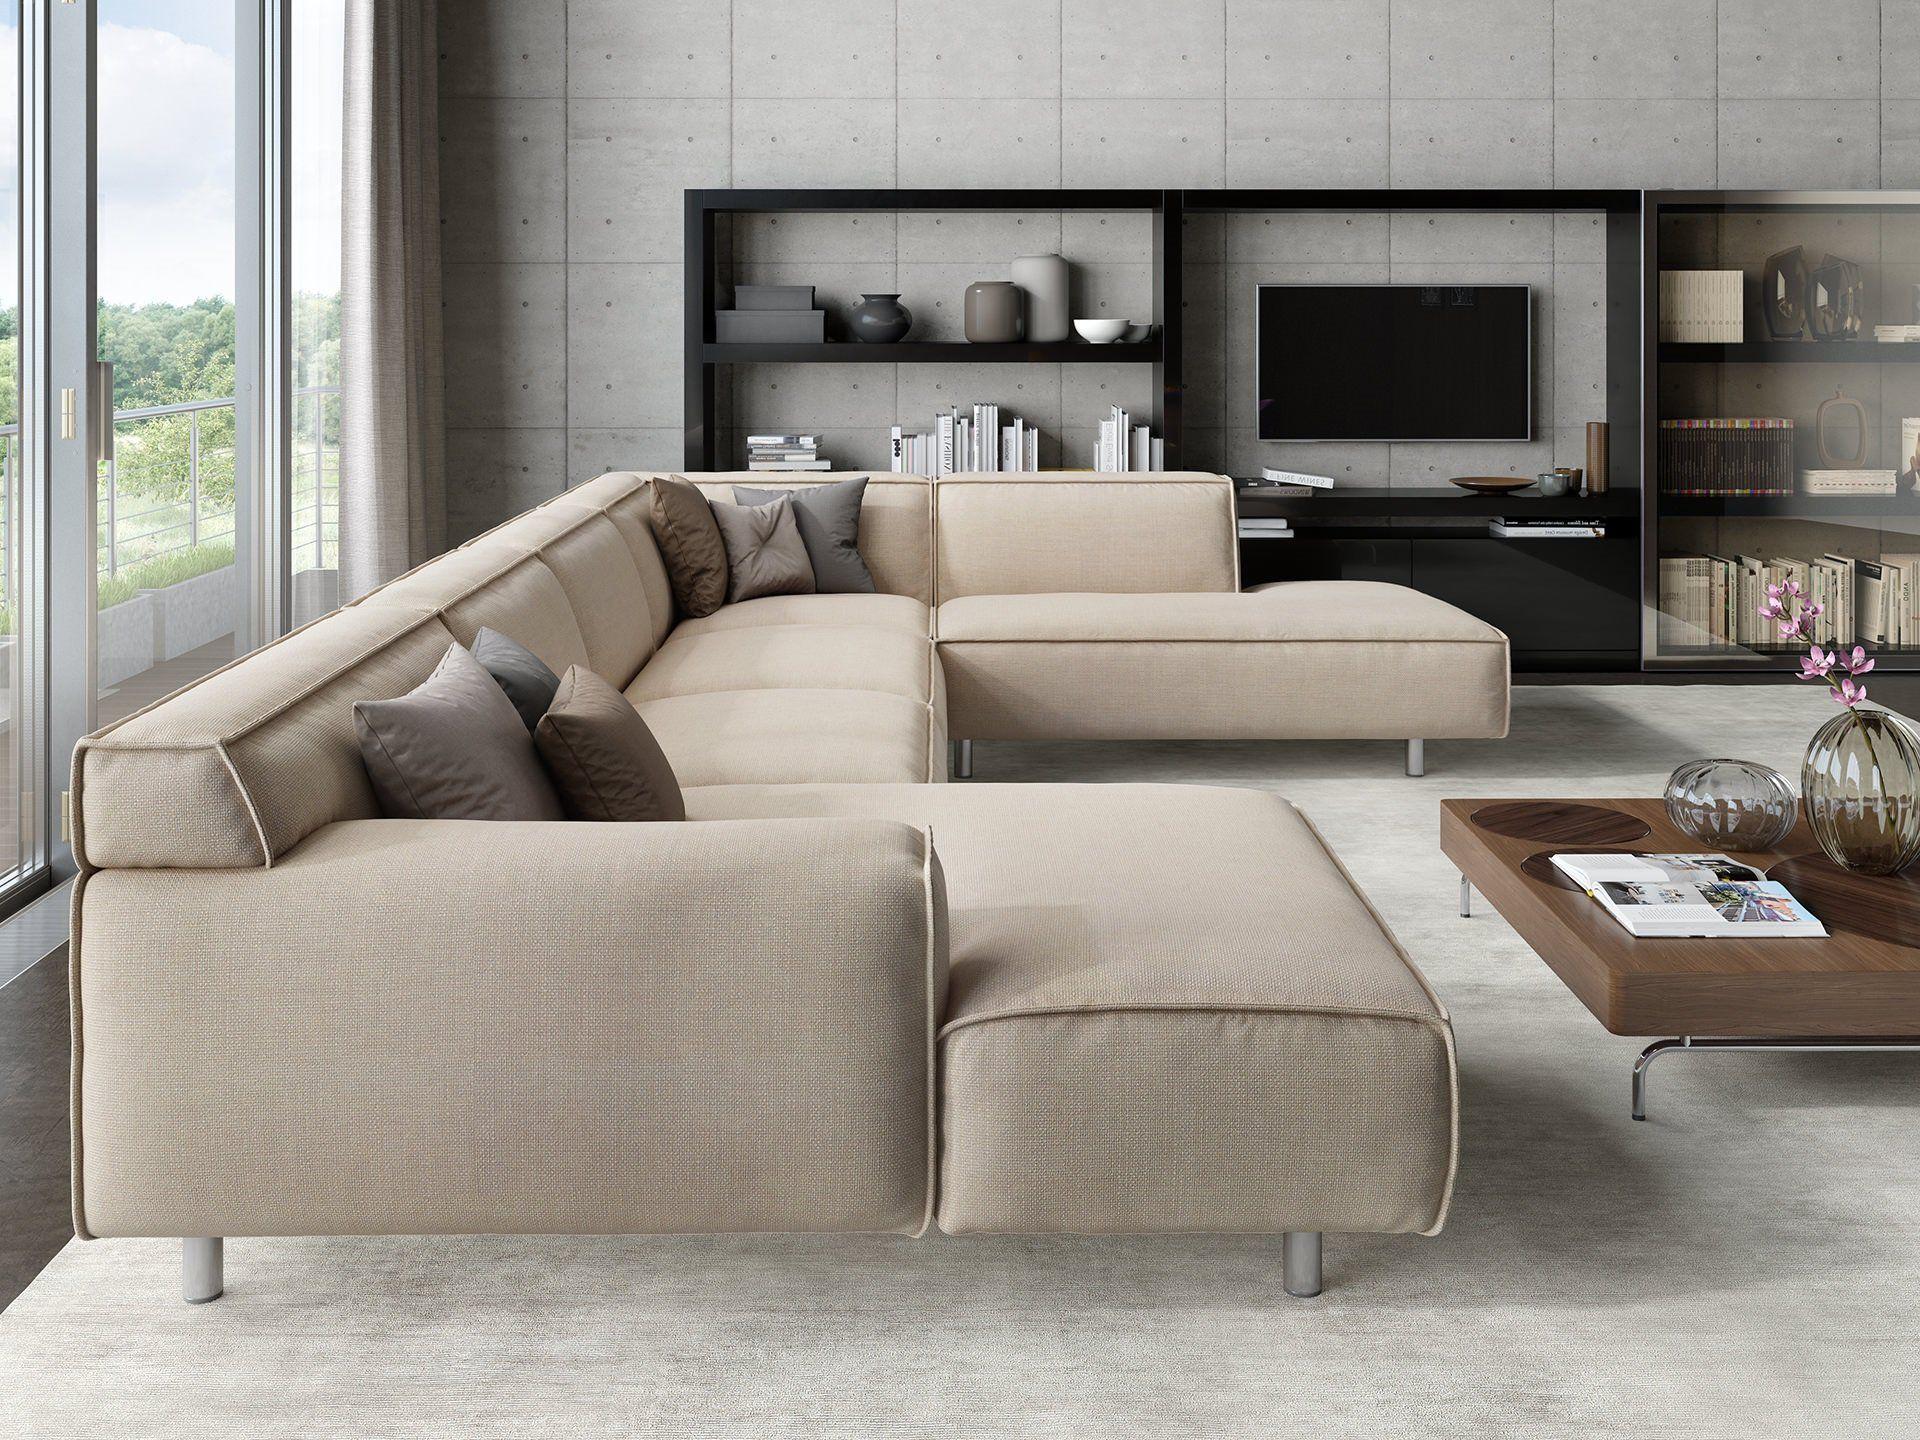 Stoff Sofa Roletto U Form Kaufen Sofanella Wohnen Haus Deko Sofa Stoff